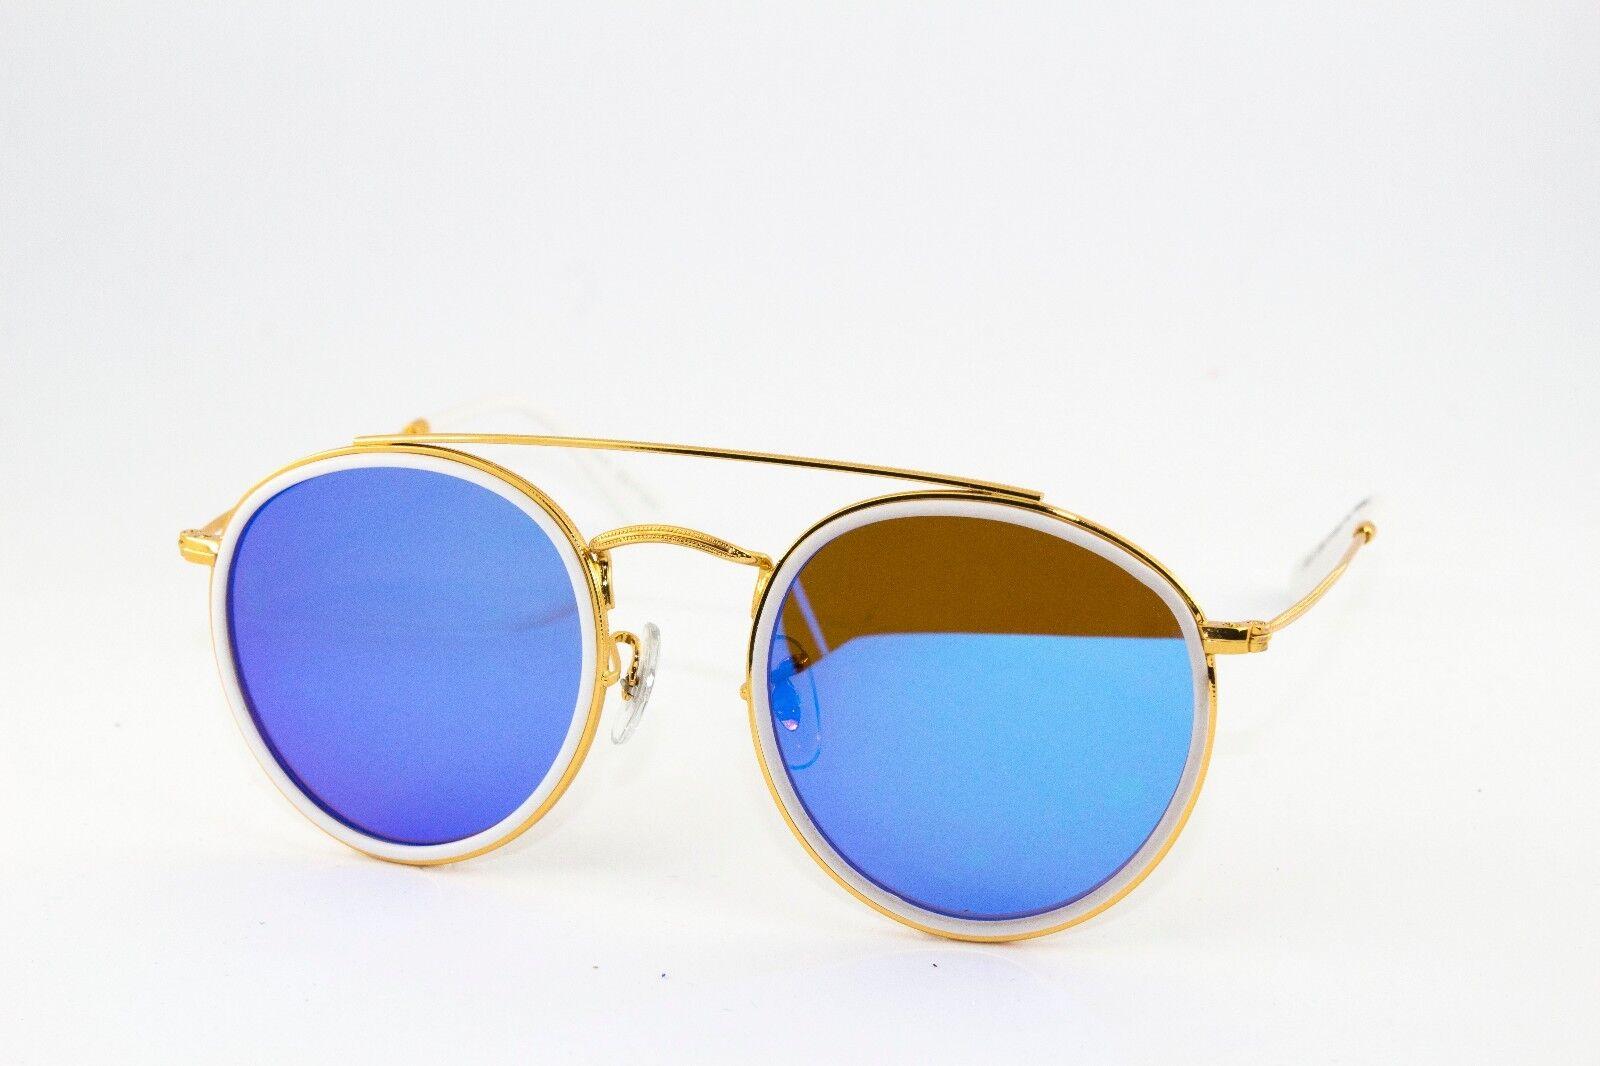 Sonnenbrille sun lovers double bridge bridge bridge round Spiegel polarisierte Linse 1701     | Spielzeugwelt, spielen Sie Ihre eigene Welt  | Lass unsere Waren in die Welt gehen  | Hohe Sicherheit  8c14e3